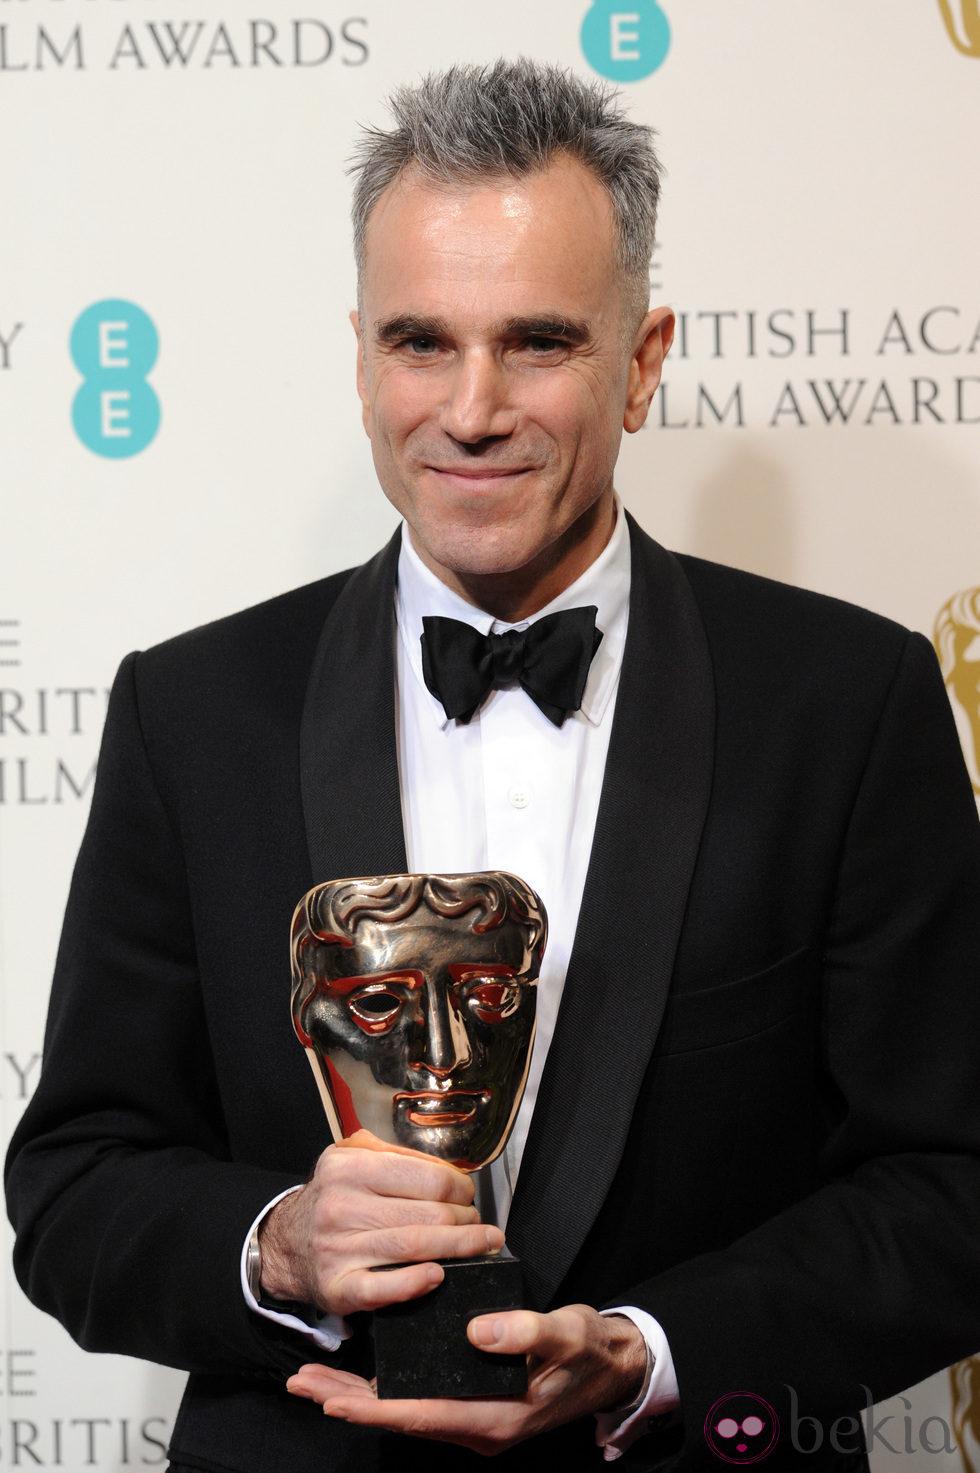 Daniel Day-Lewis ganador del premio al mejor actor en los BAFTA 2013